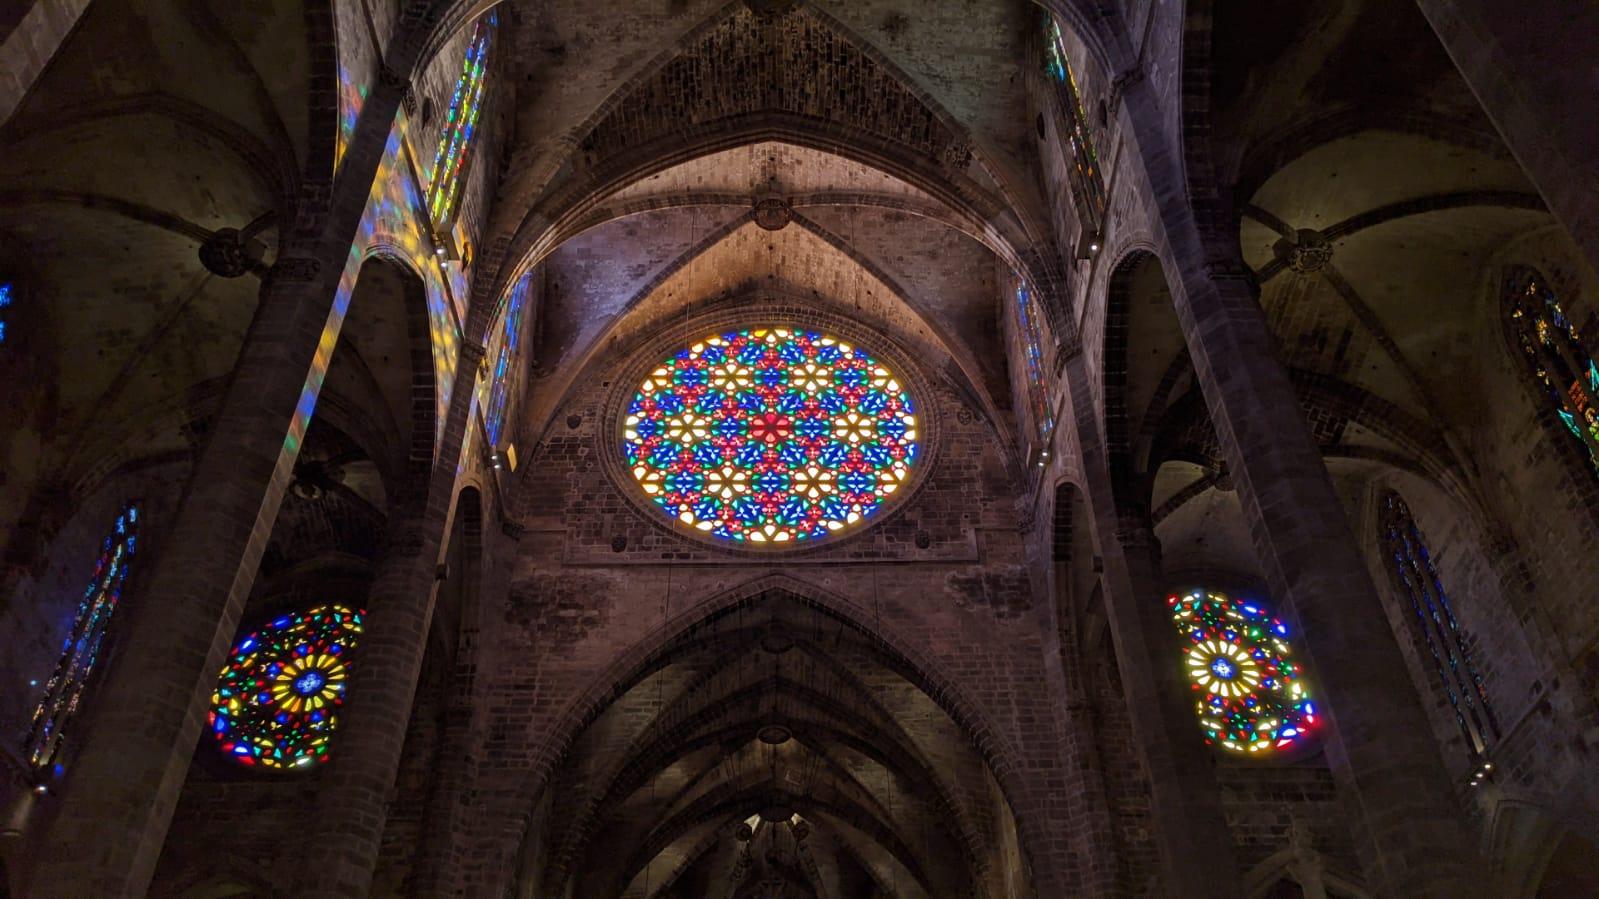 Interno della cattedrale di Palma di Maiorca. Particolare del rosone centrale e della navata.